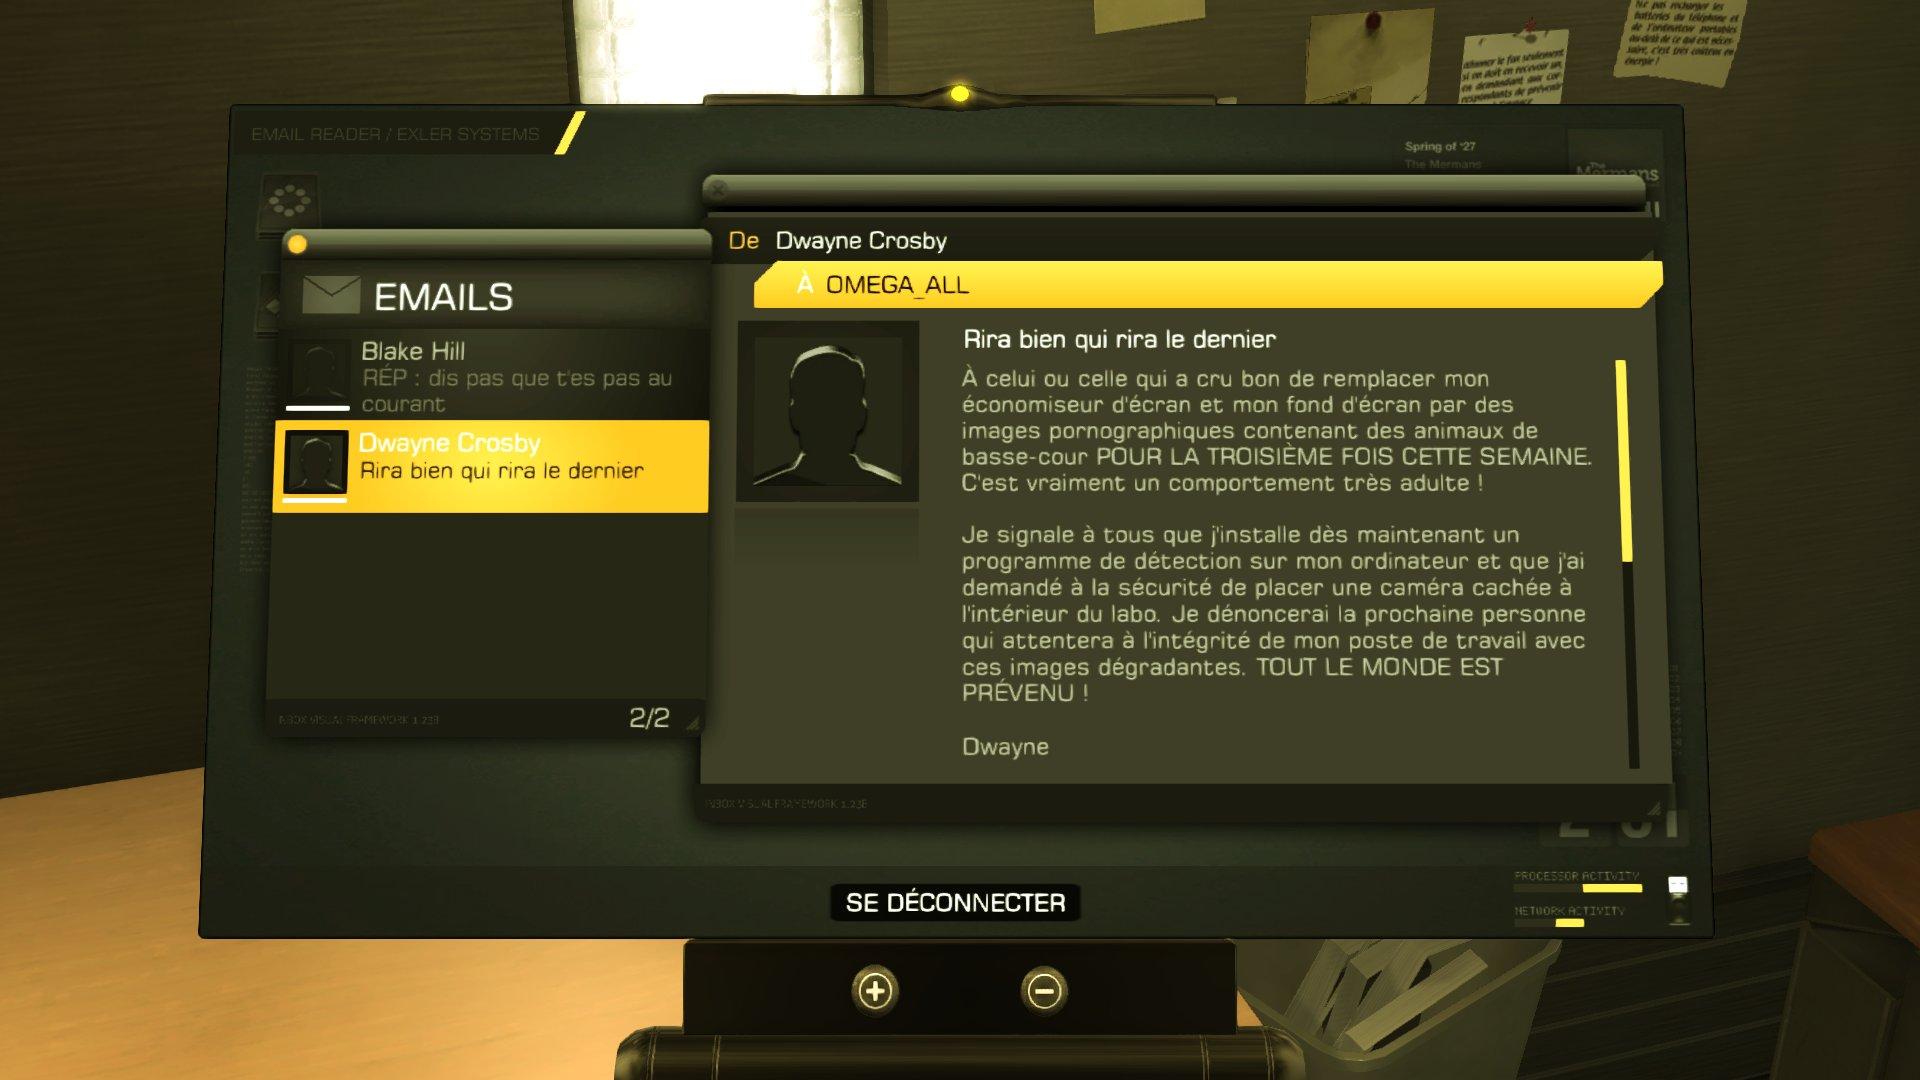 Les screenshots/images rien à voir avec Minecraft (enfin presque) - Page 2 8bbb22e6-3447-4477-ac1a-8b8de3245626